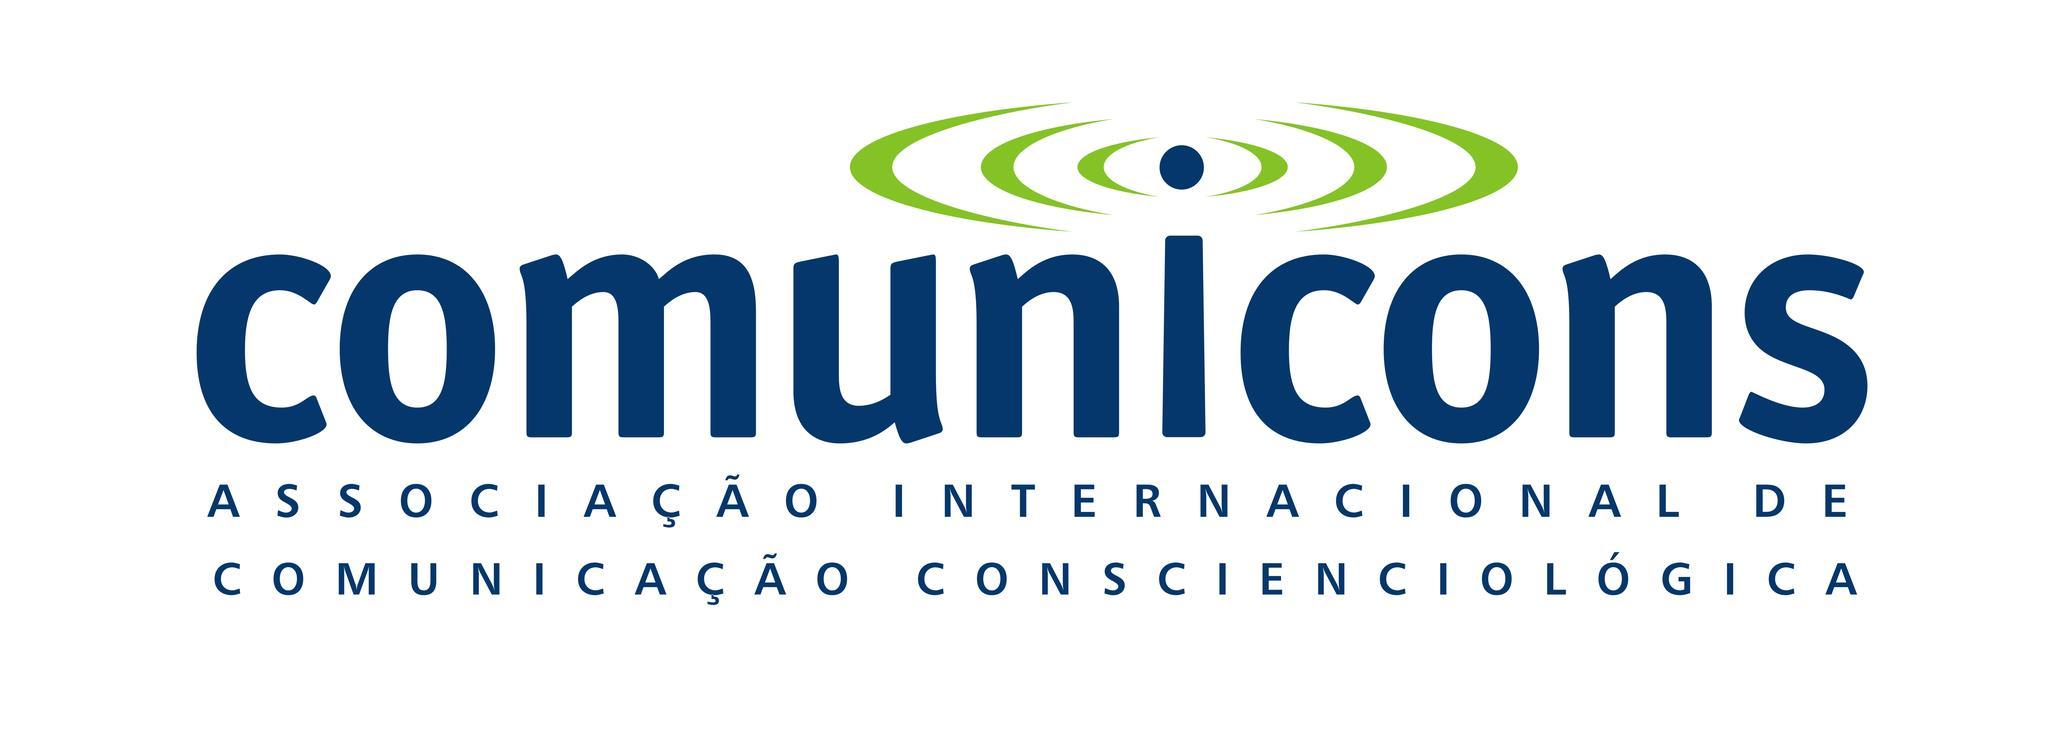 Logo Comunicons 2